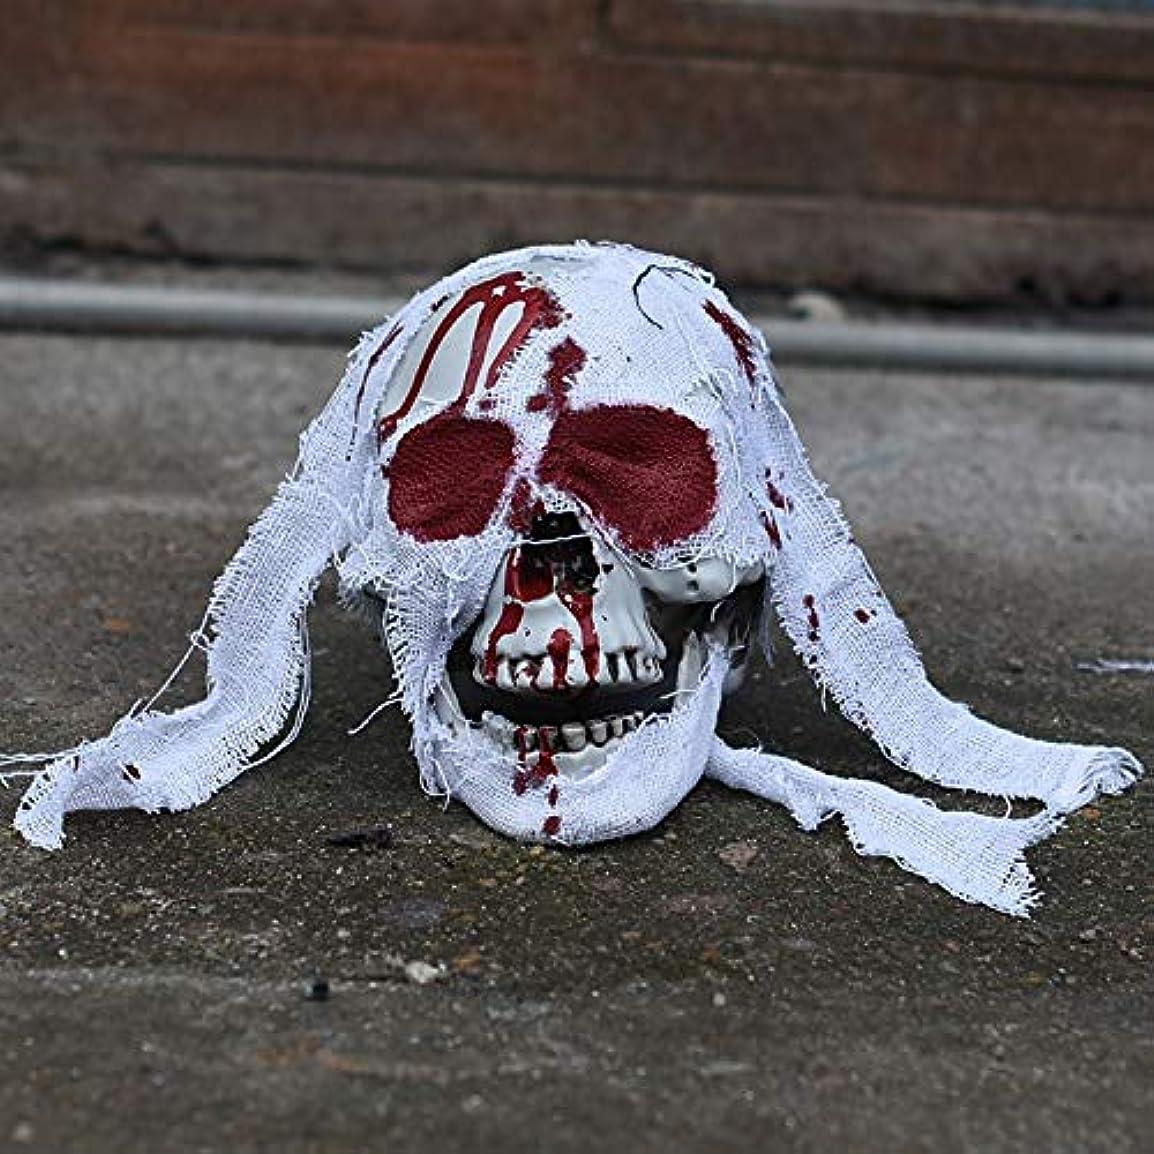 粘性の分離コテージETRRUU HOME ホラーハロウィン小道具バーお化け屋敷シークレットルームブラッディヘッド装飾コスプレ装飾